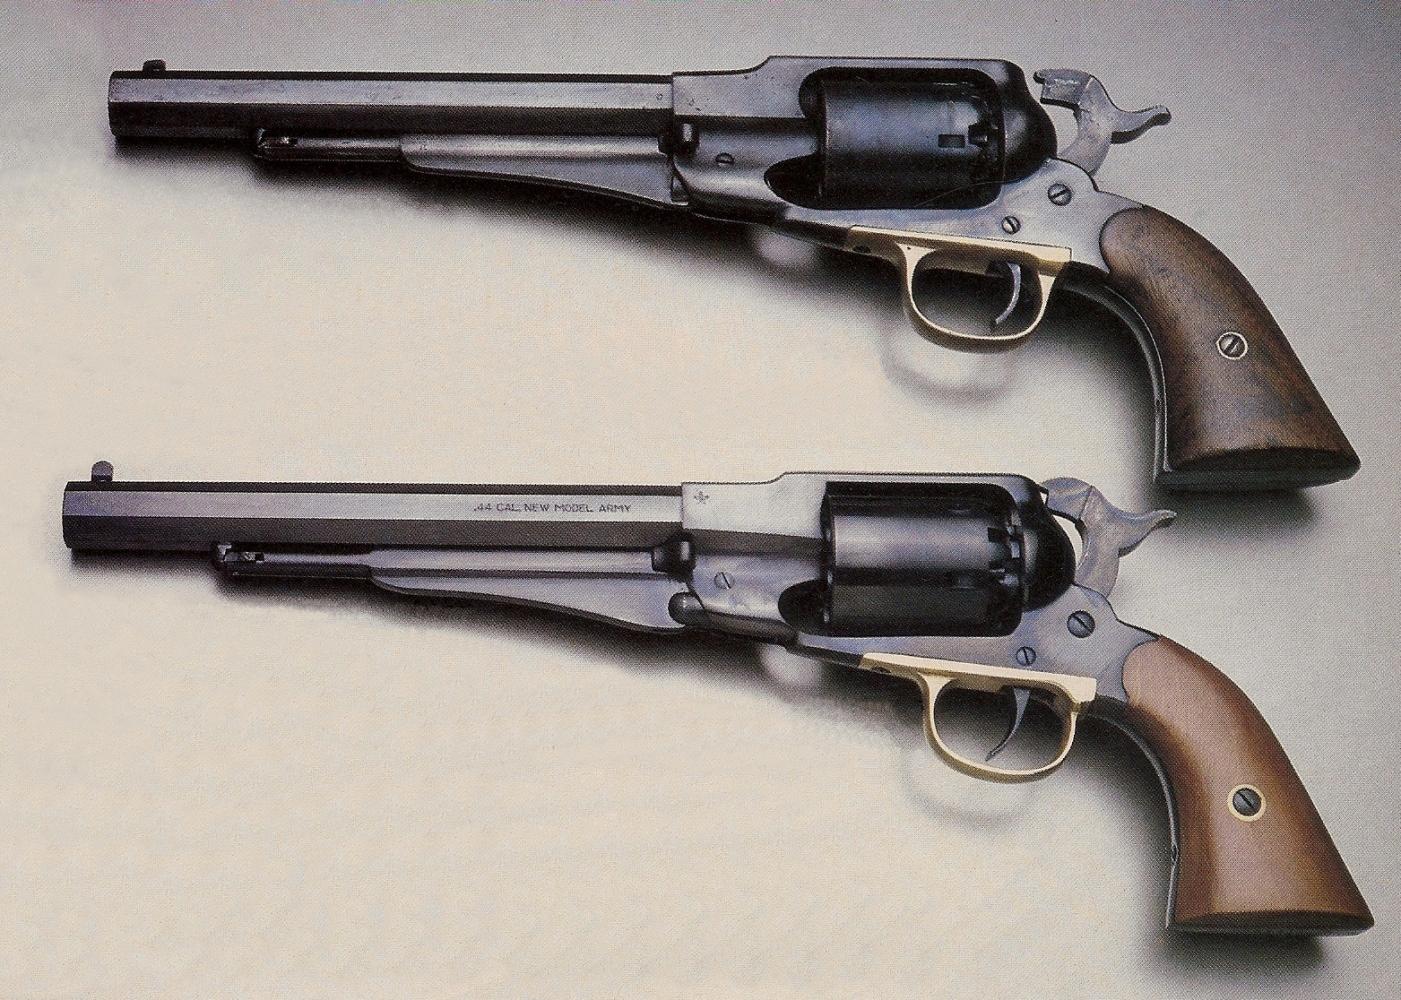 La comparaison entre ce revolver Remington New Model Army 1863 d'époque (au-dessus) et sa réplique Euroarms ne permet pas, de prime abord, de découvrir de différences autres que celles relevant de l'ordre du détail.